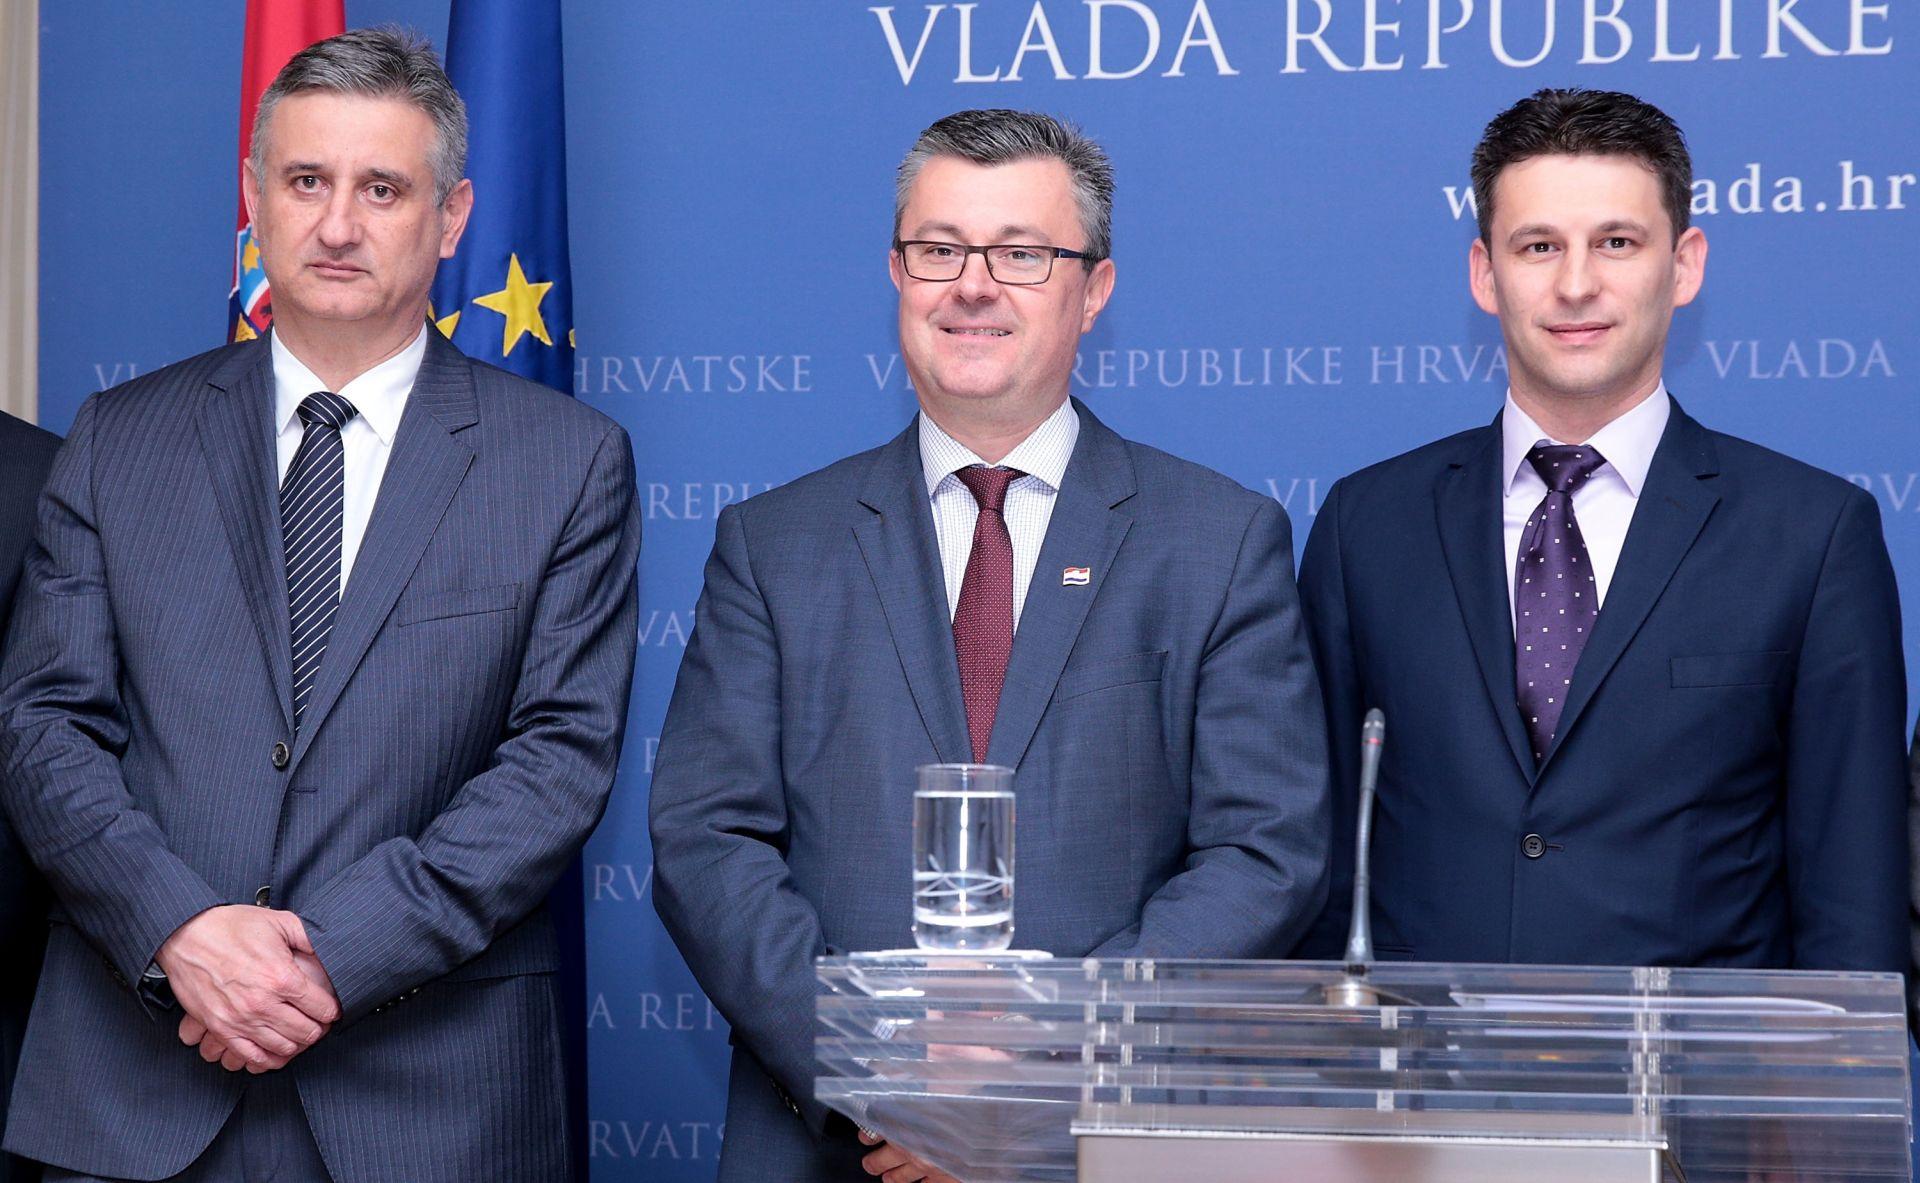 POSTAVLJEN ULTIMATUM: Ako HDZ do utorka u podne ne izabere Karamarkovu zamjenu, MOST potpisuje SDP-ov zahtjev